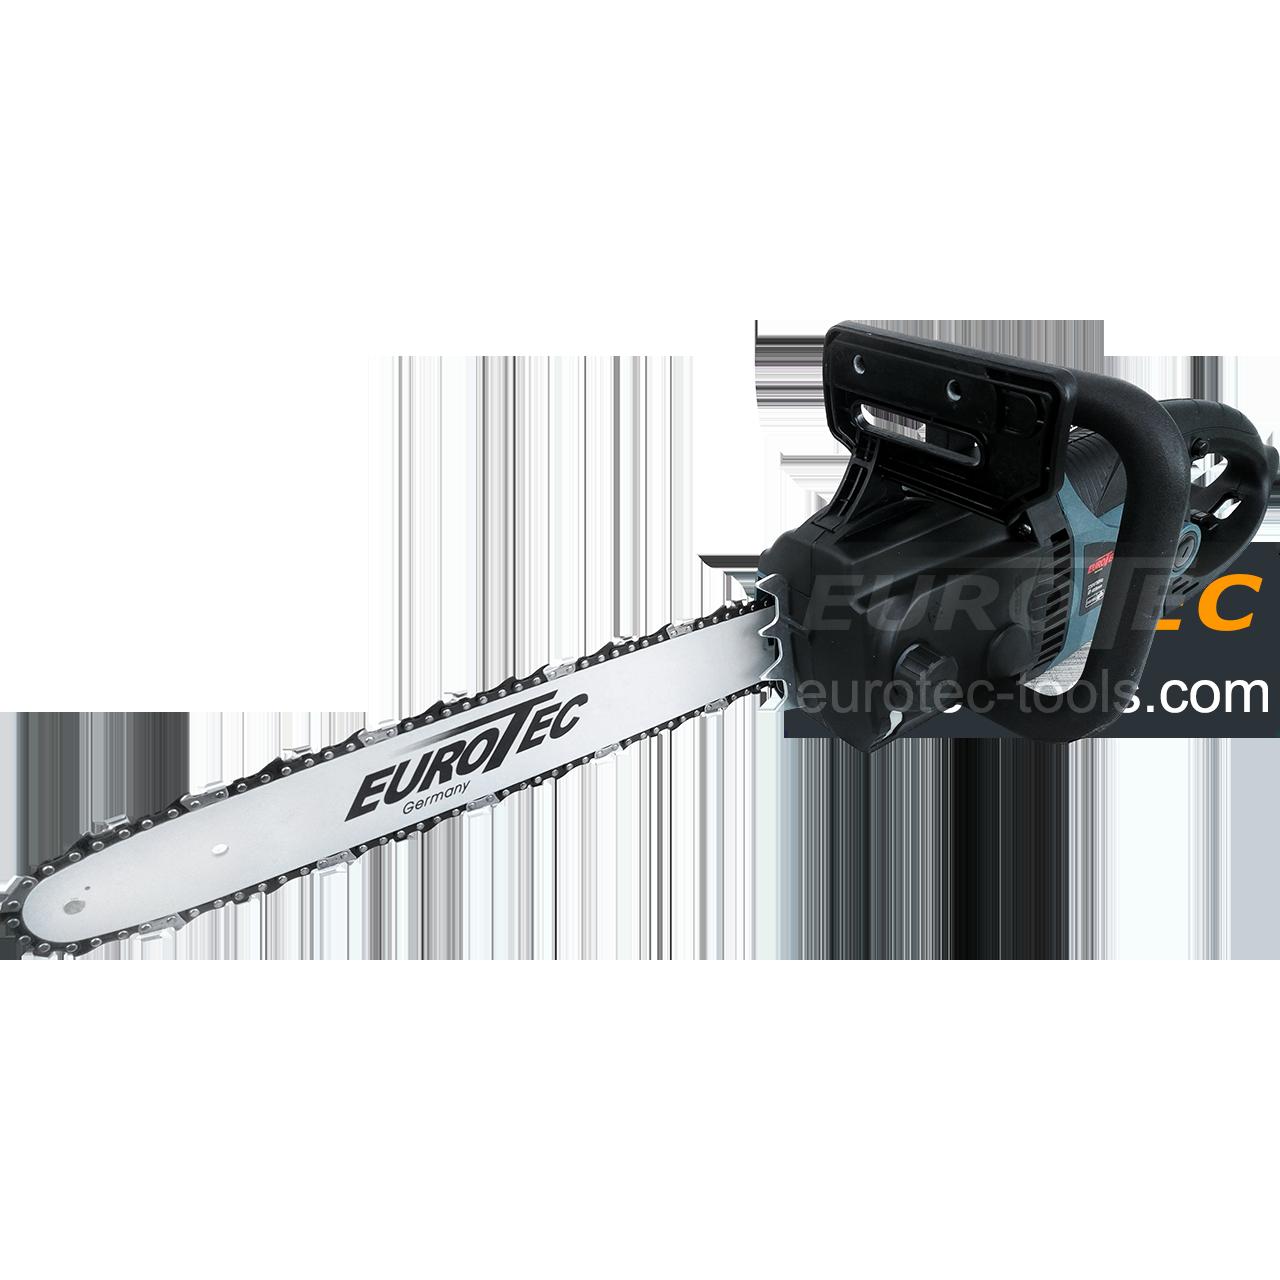 Цепная электропила прямая Eurotec GC 111, 2.6 кВт, 405 мм электрическая пила, електропила ланцюгова електрична